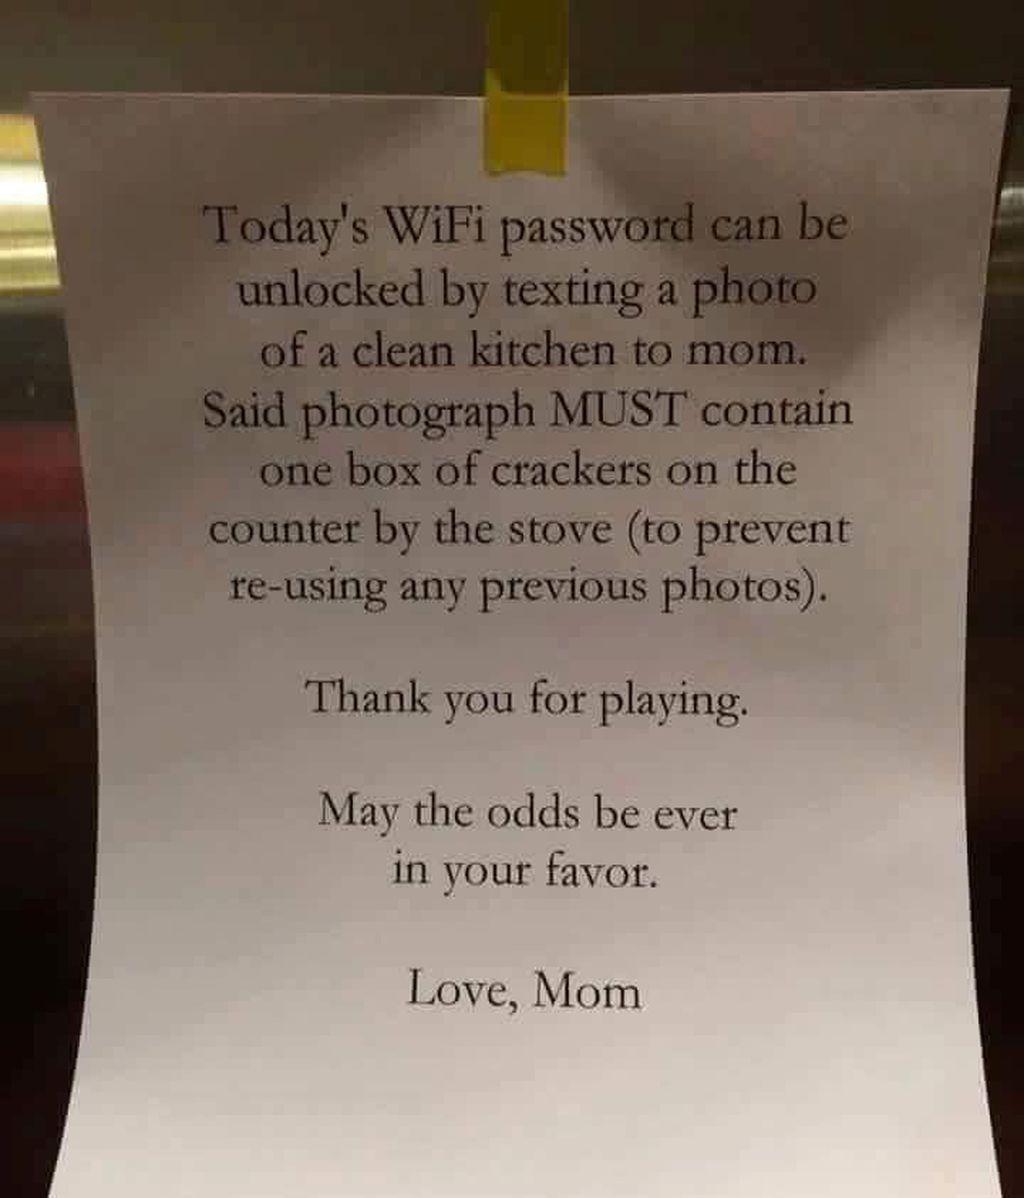 La última carta viral, una madre chantajea a sus hijos con el WiFi para que recojan la casa